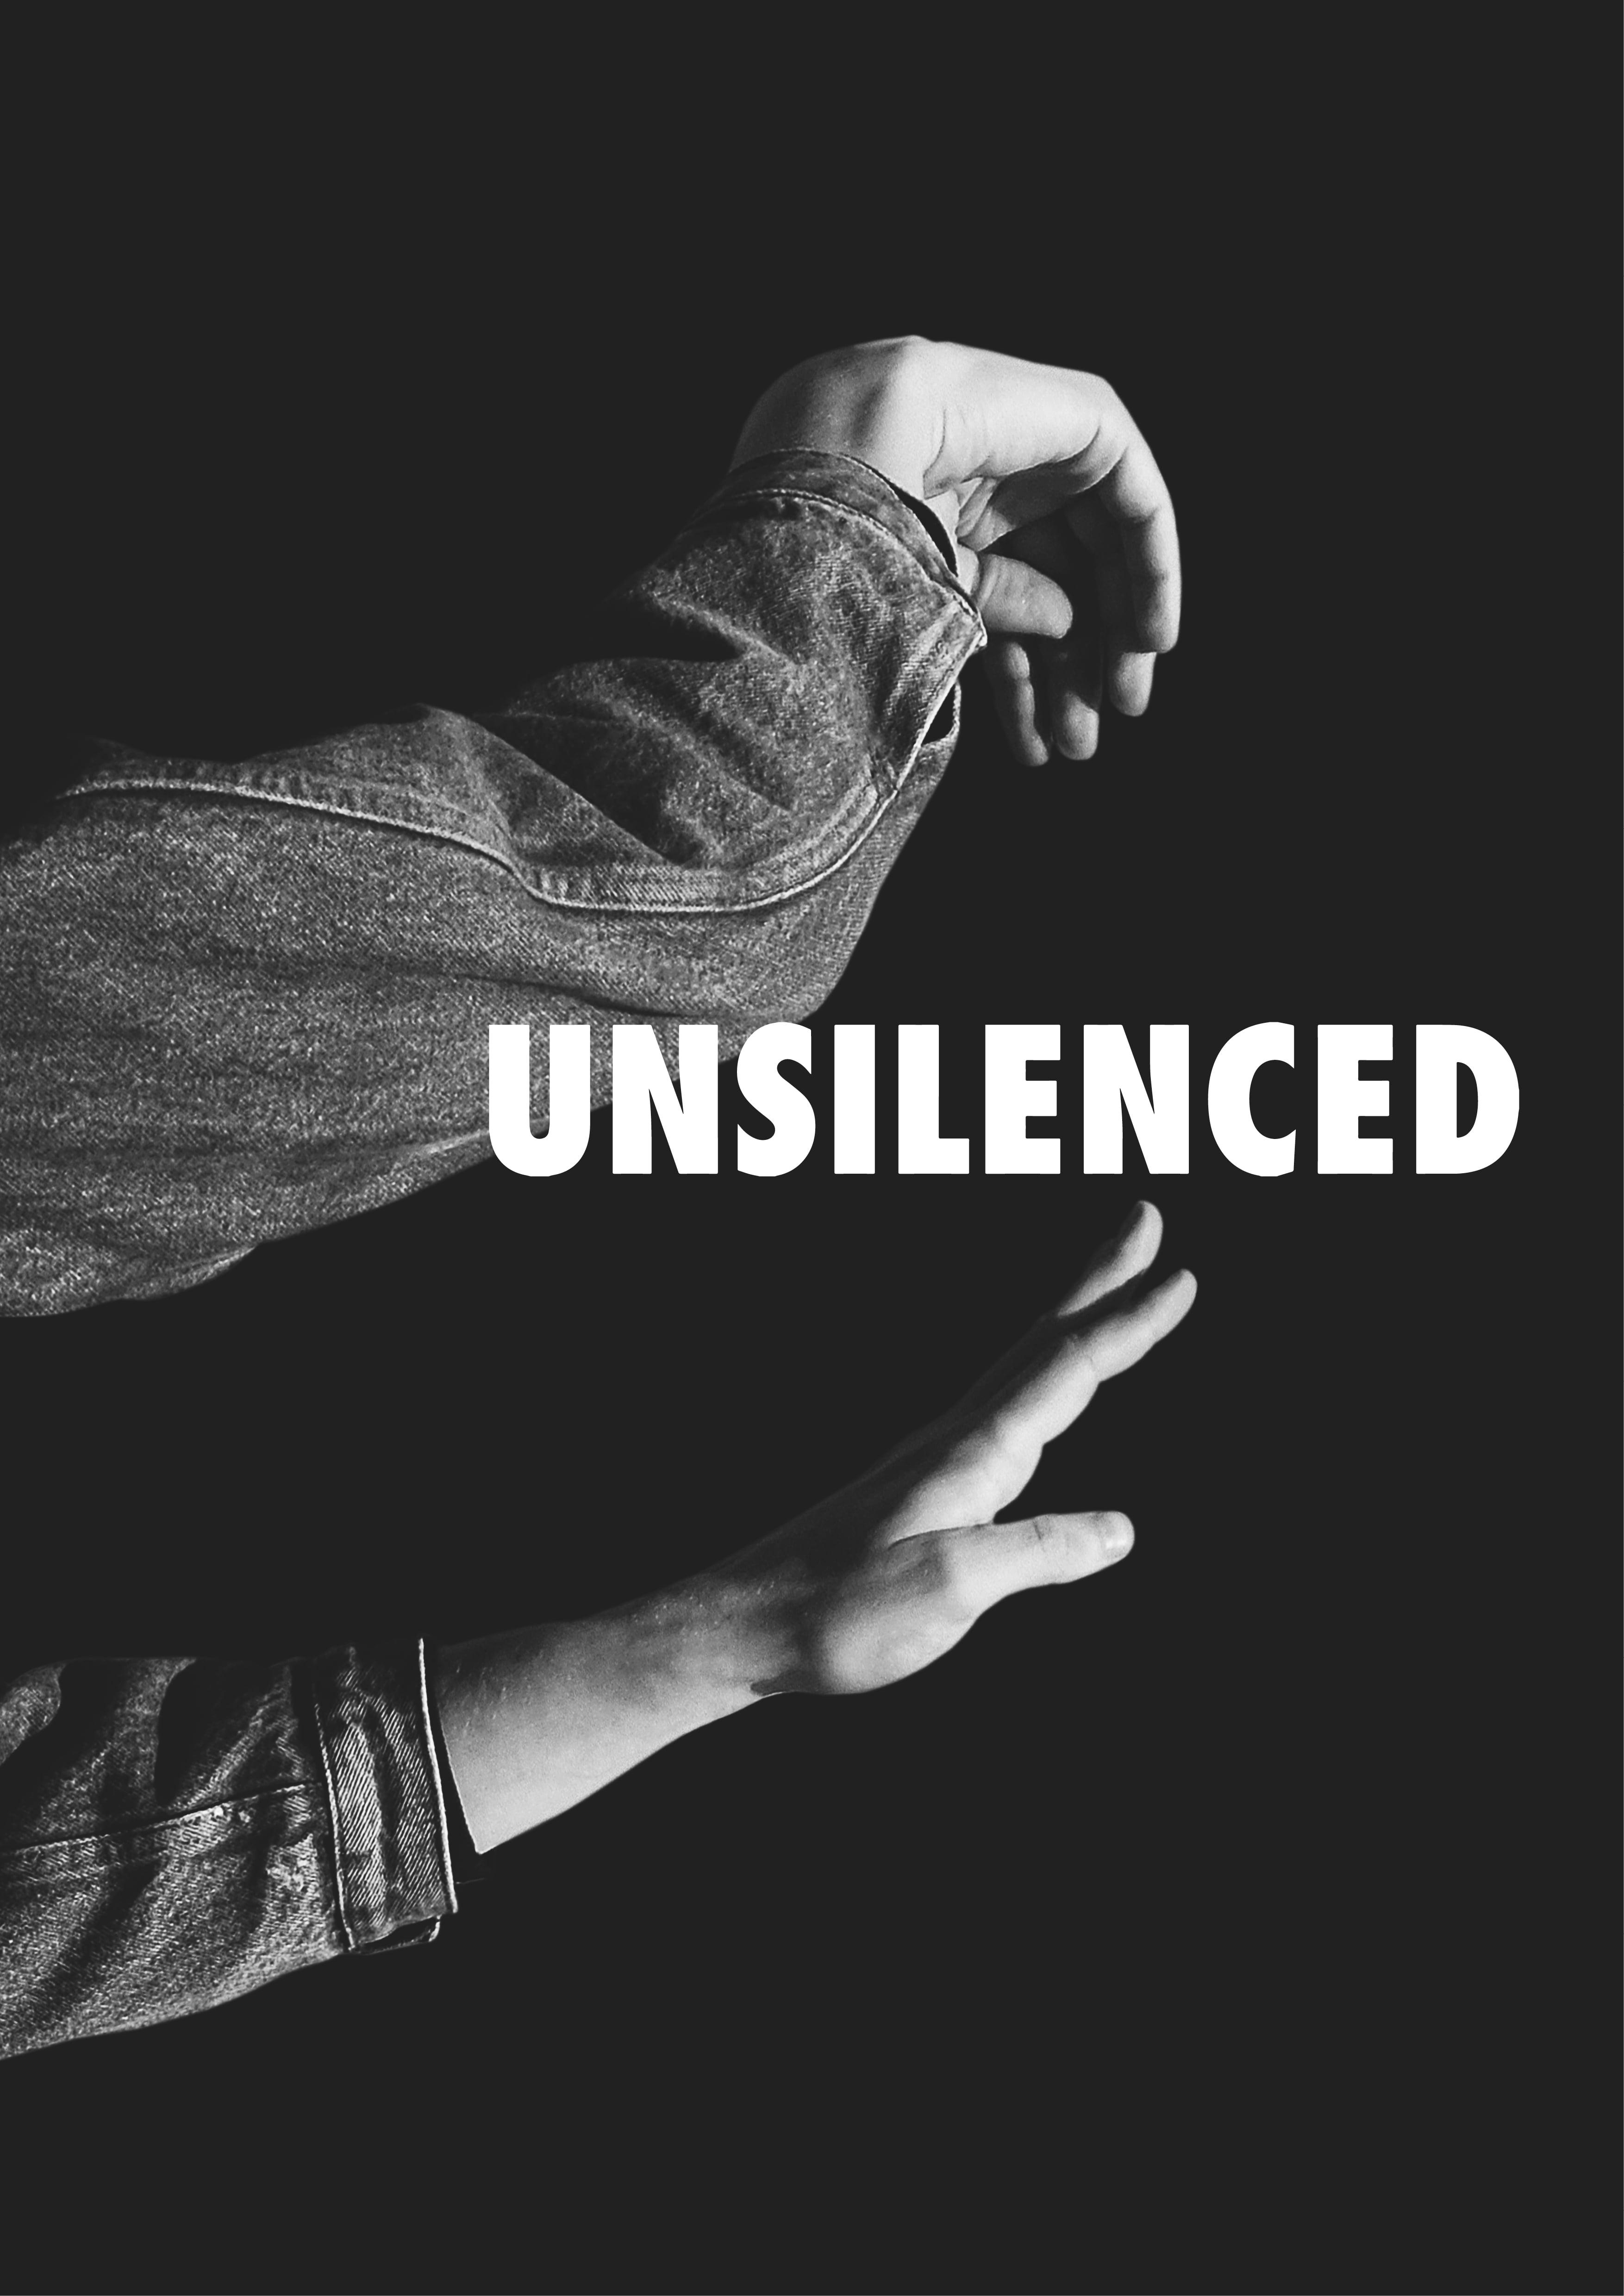 unsilenced_la parle aux sourds_betc paris_fransa_bigumigu_6